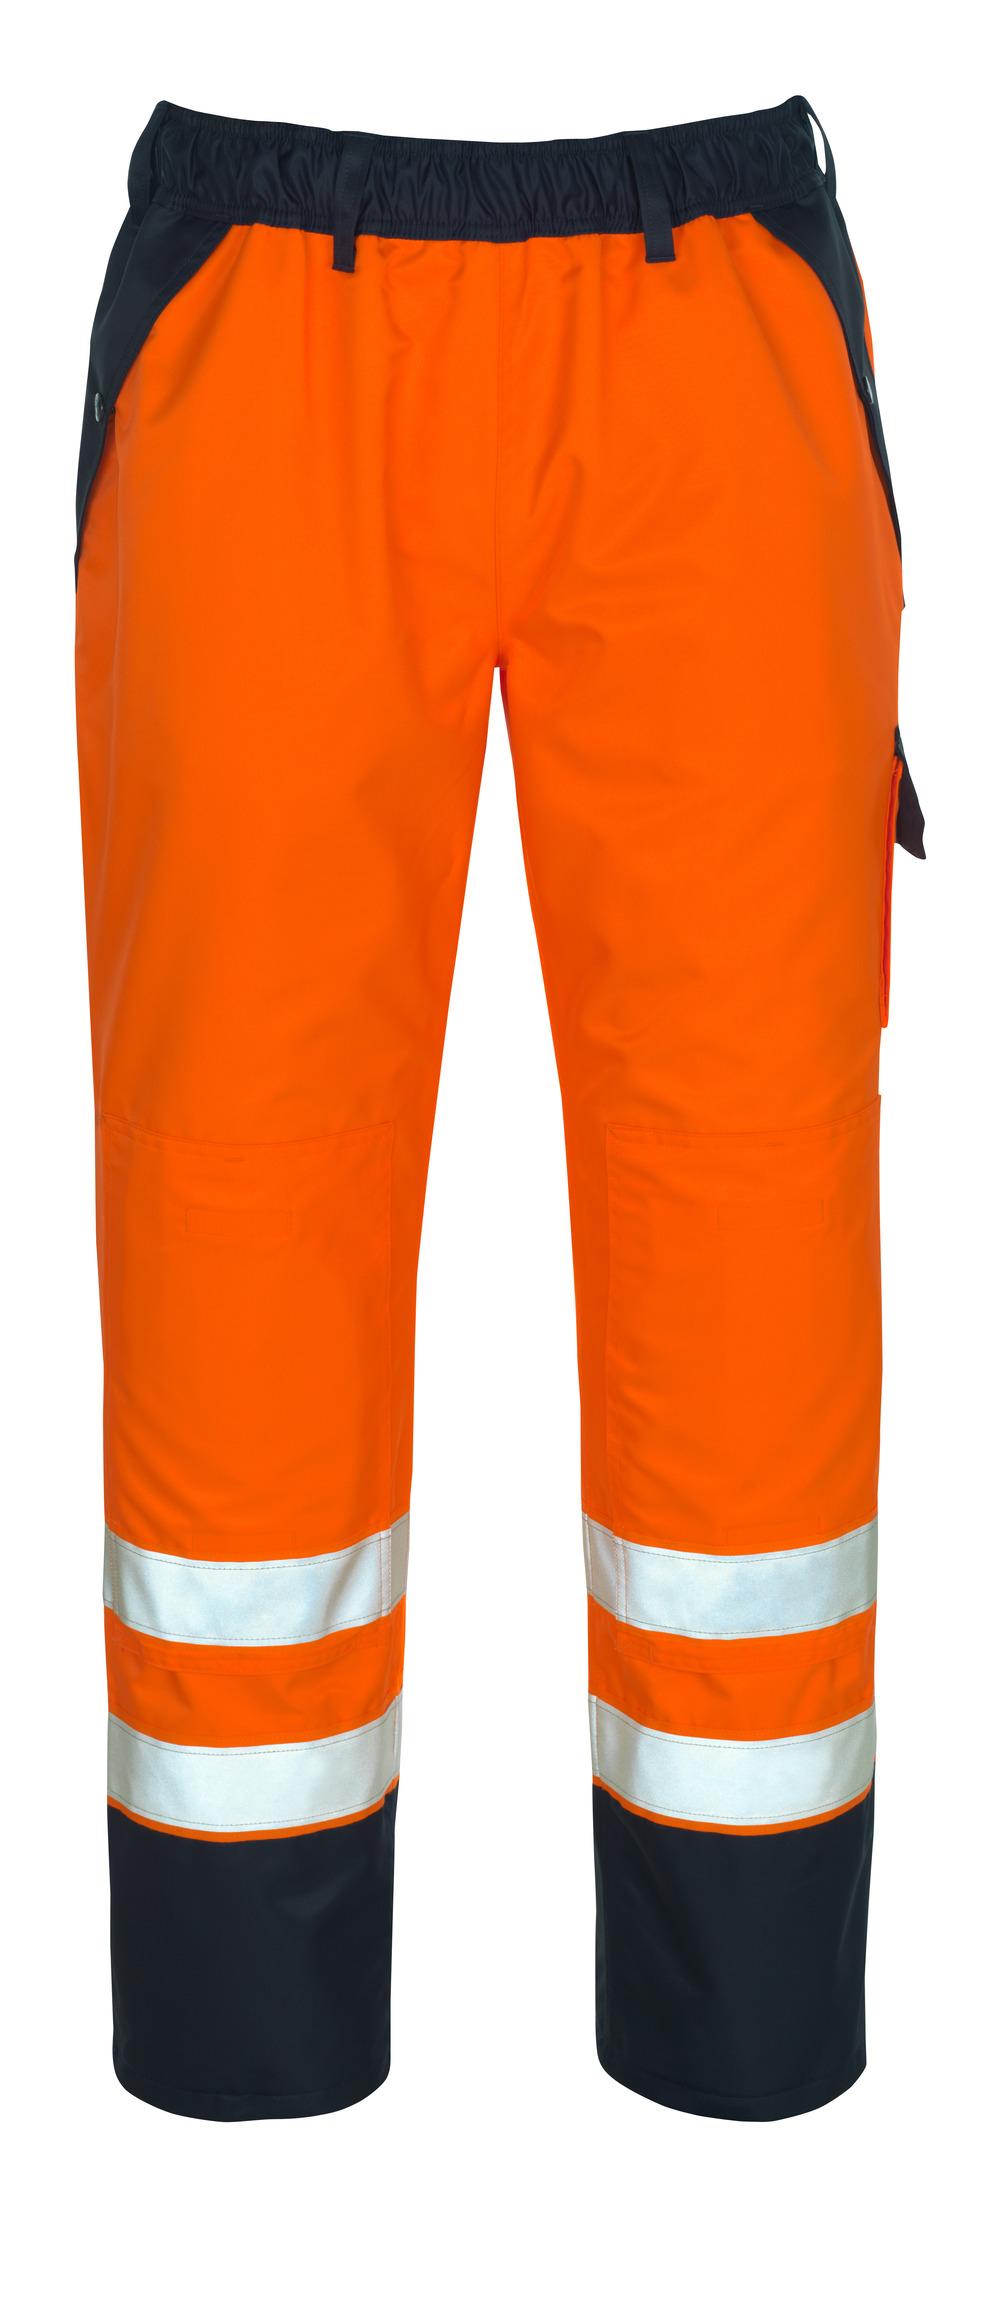 07090-880-141 Overtrekksbukse med knelommer - hi-vis oransje/marine